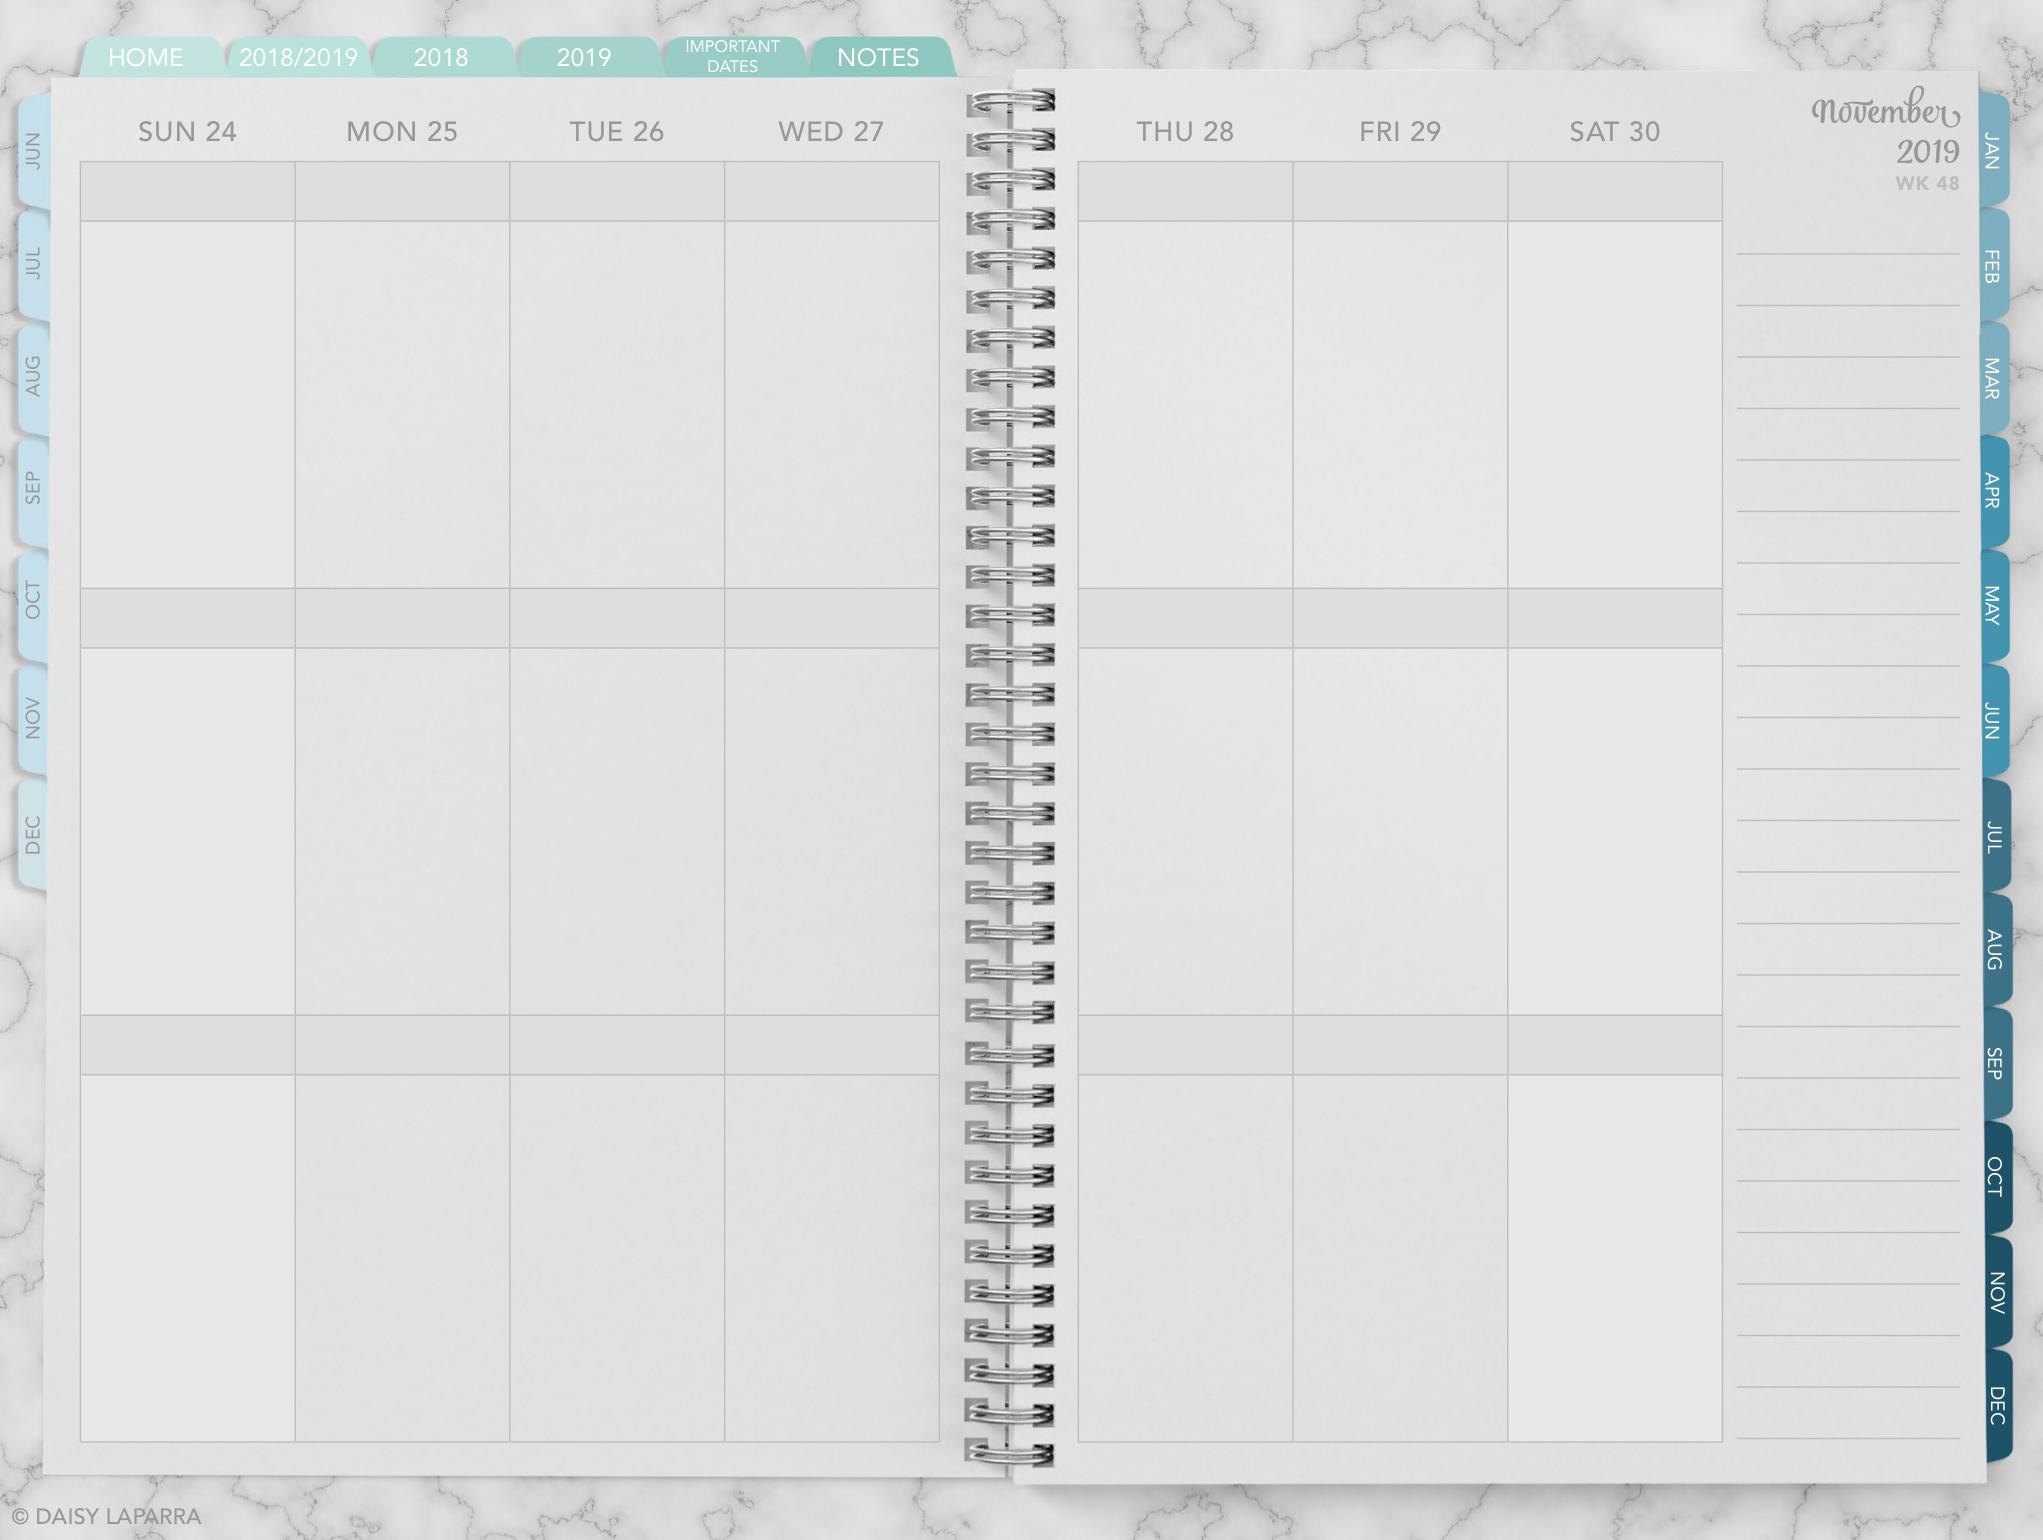 Hyperlinked weekly digital calendar planner